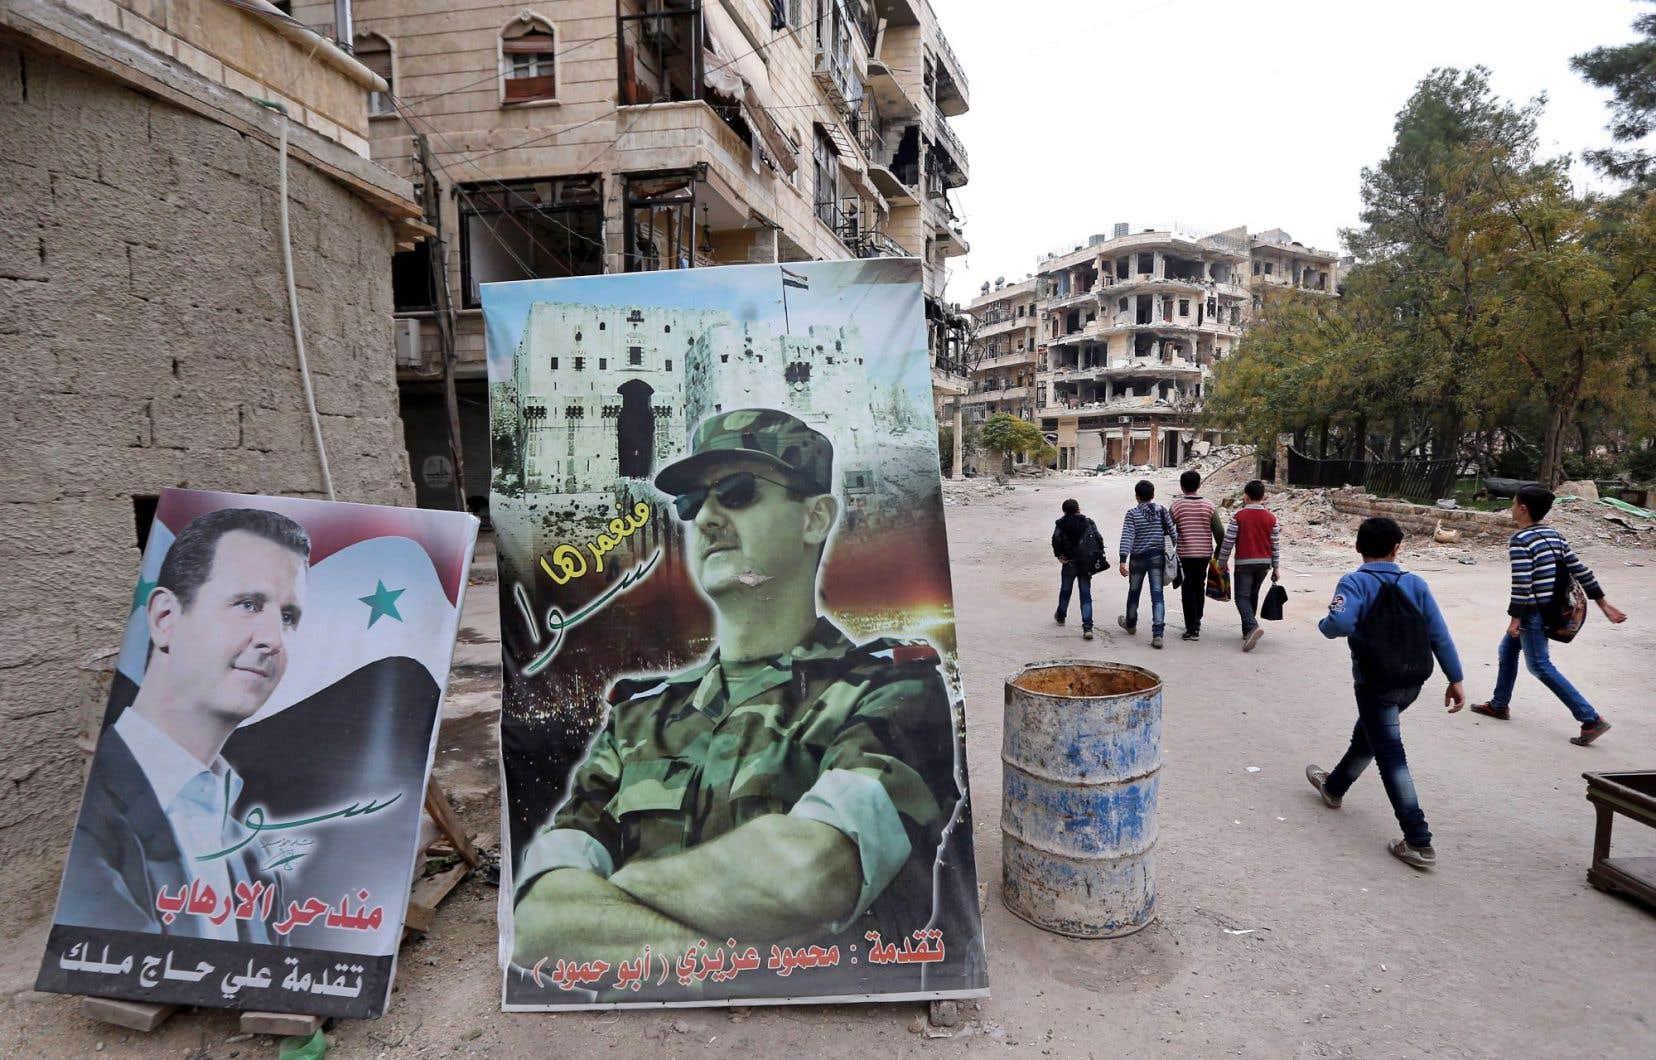 «La politique américaine laisse une fois de plus, pour des raisons diamétralement opposées, mais comme cela fut le cas avec les guerres de George W. Bush, un champ de ruines au Moyen-Orient», estime l'auteur. Ci-dessus, des affiches célèbrent le président syrien près d'Alep, en novembre 2014.